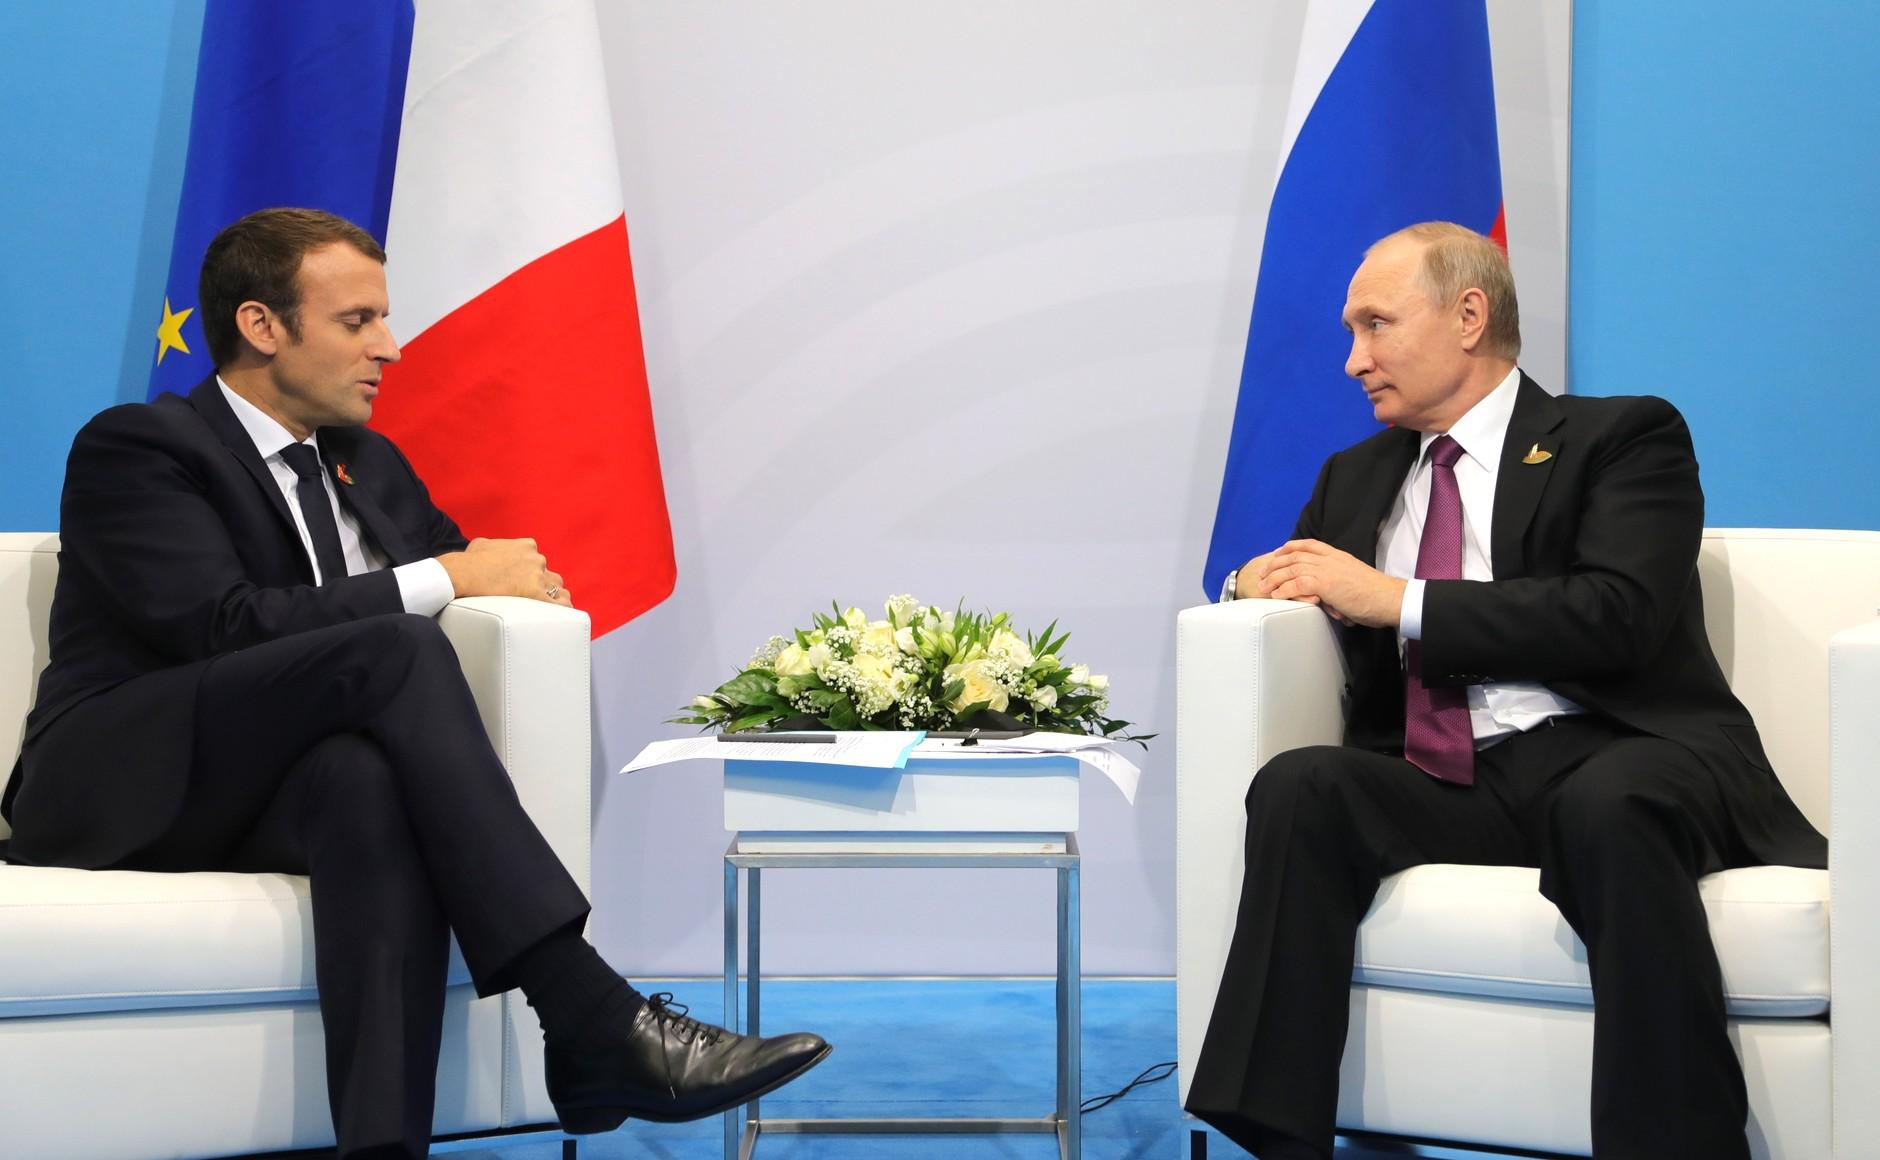 Французские компании недавно с удовольствием поехали в Москву на бизнес-форум, а вскоре туда отправится и Макрон